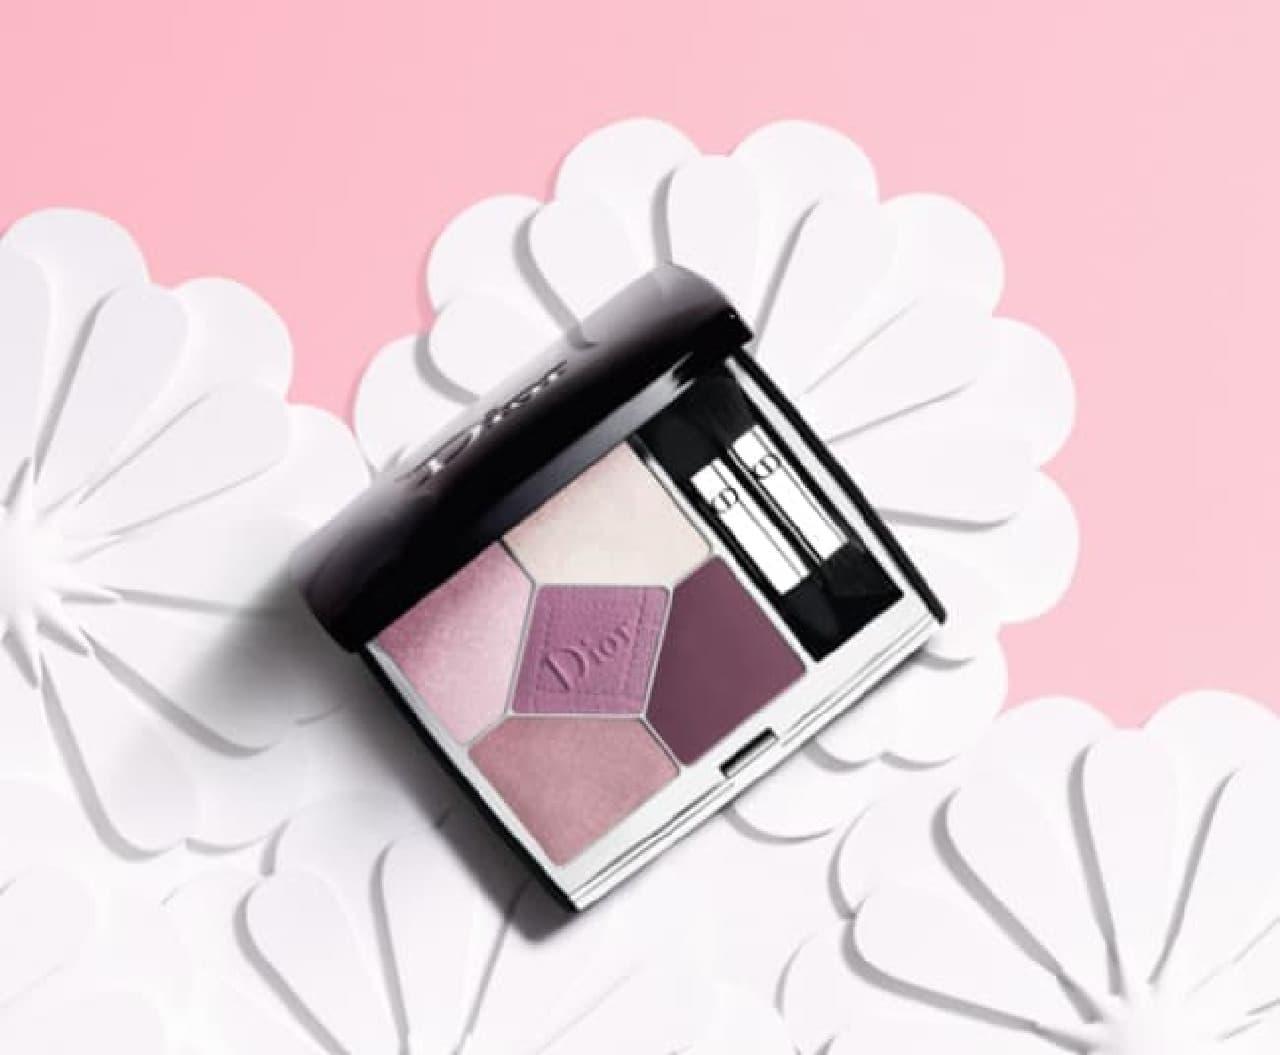 ディオール「サンク クルール クチュール」限定色「849 ピンク サクラ」